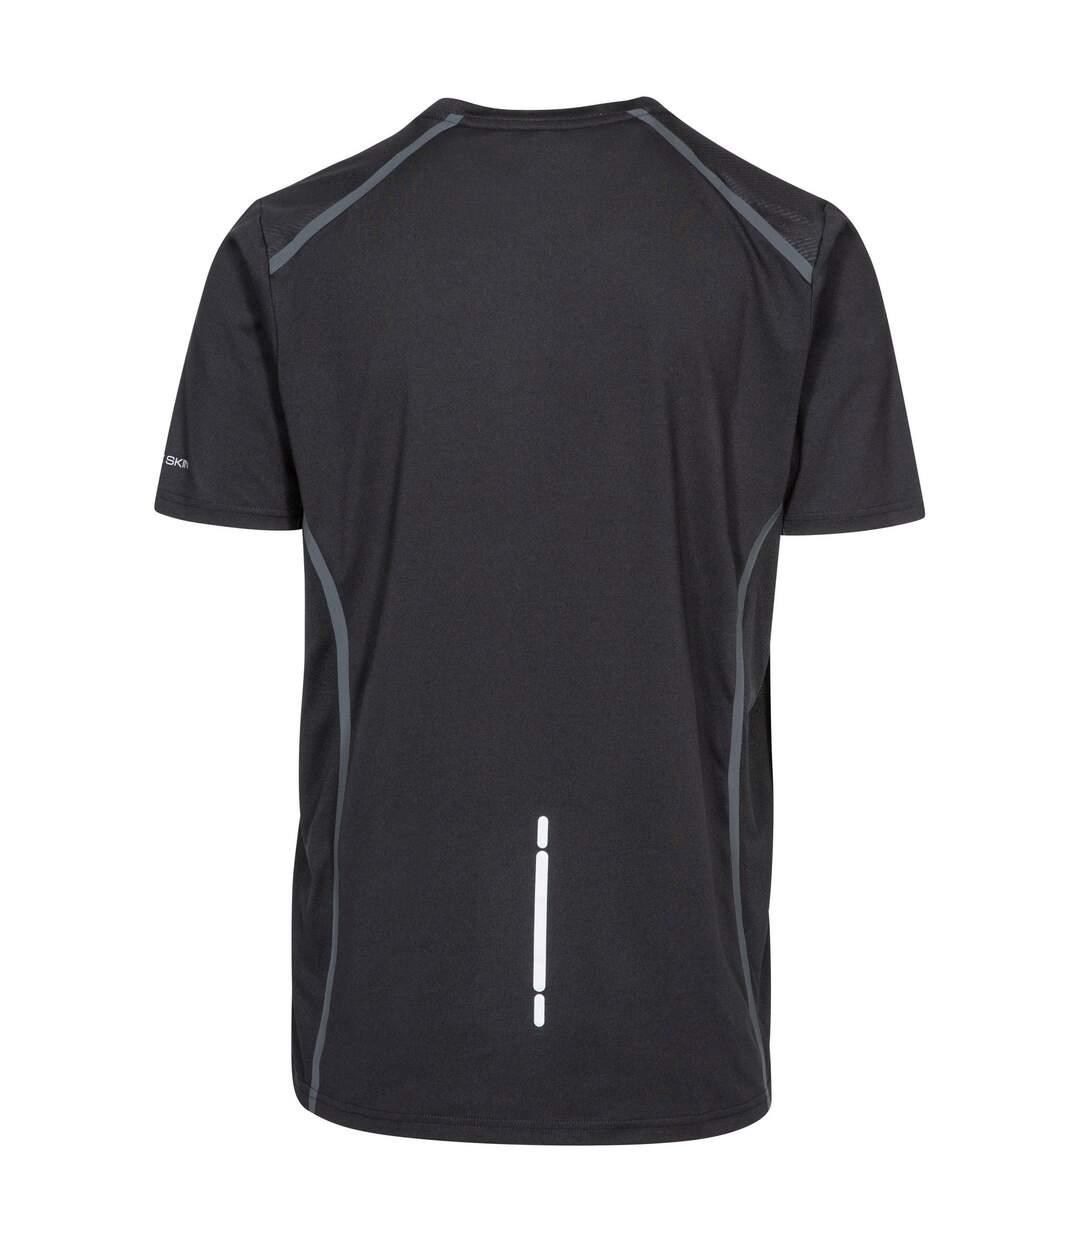 Trespass Mens Menzie Short Sleeve Active T-Shirt (Black) - UTTP4136